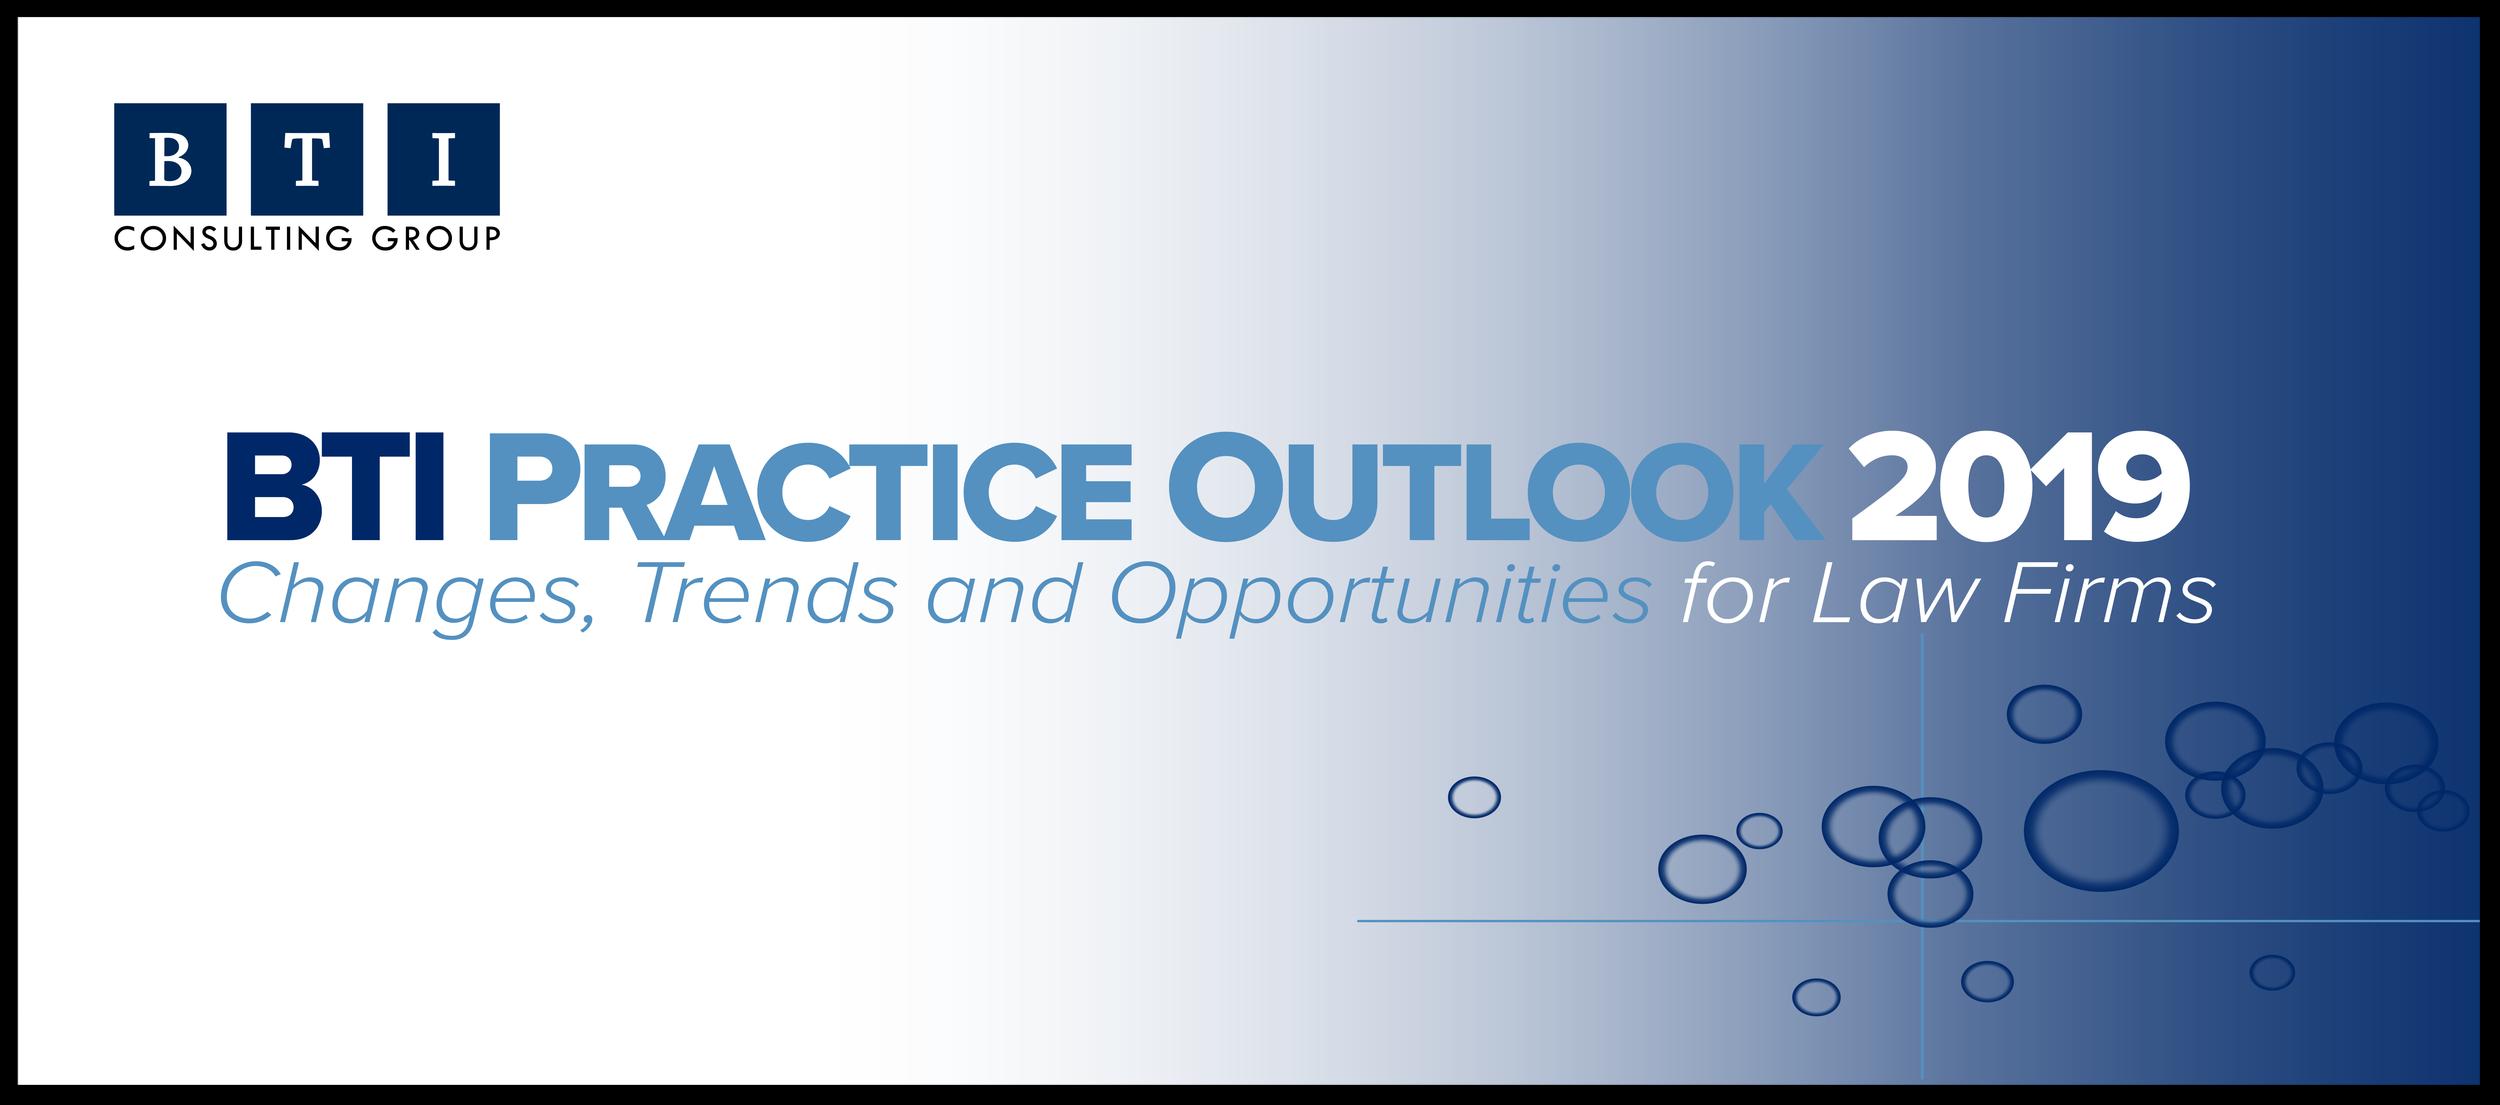 PracticeOutlook_2019_header.png